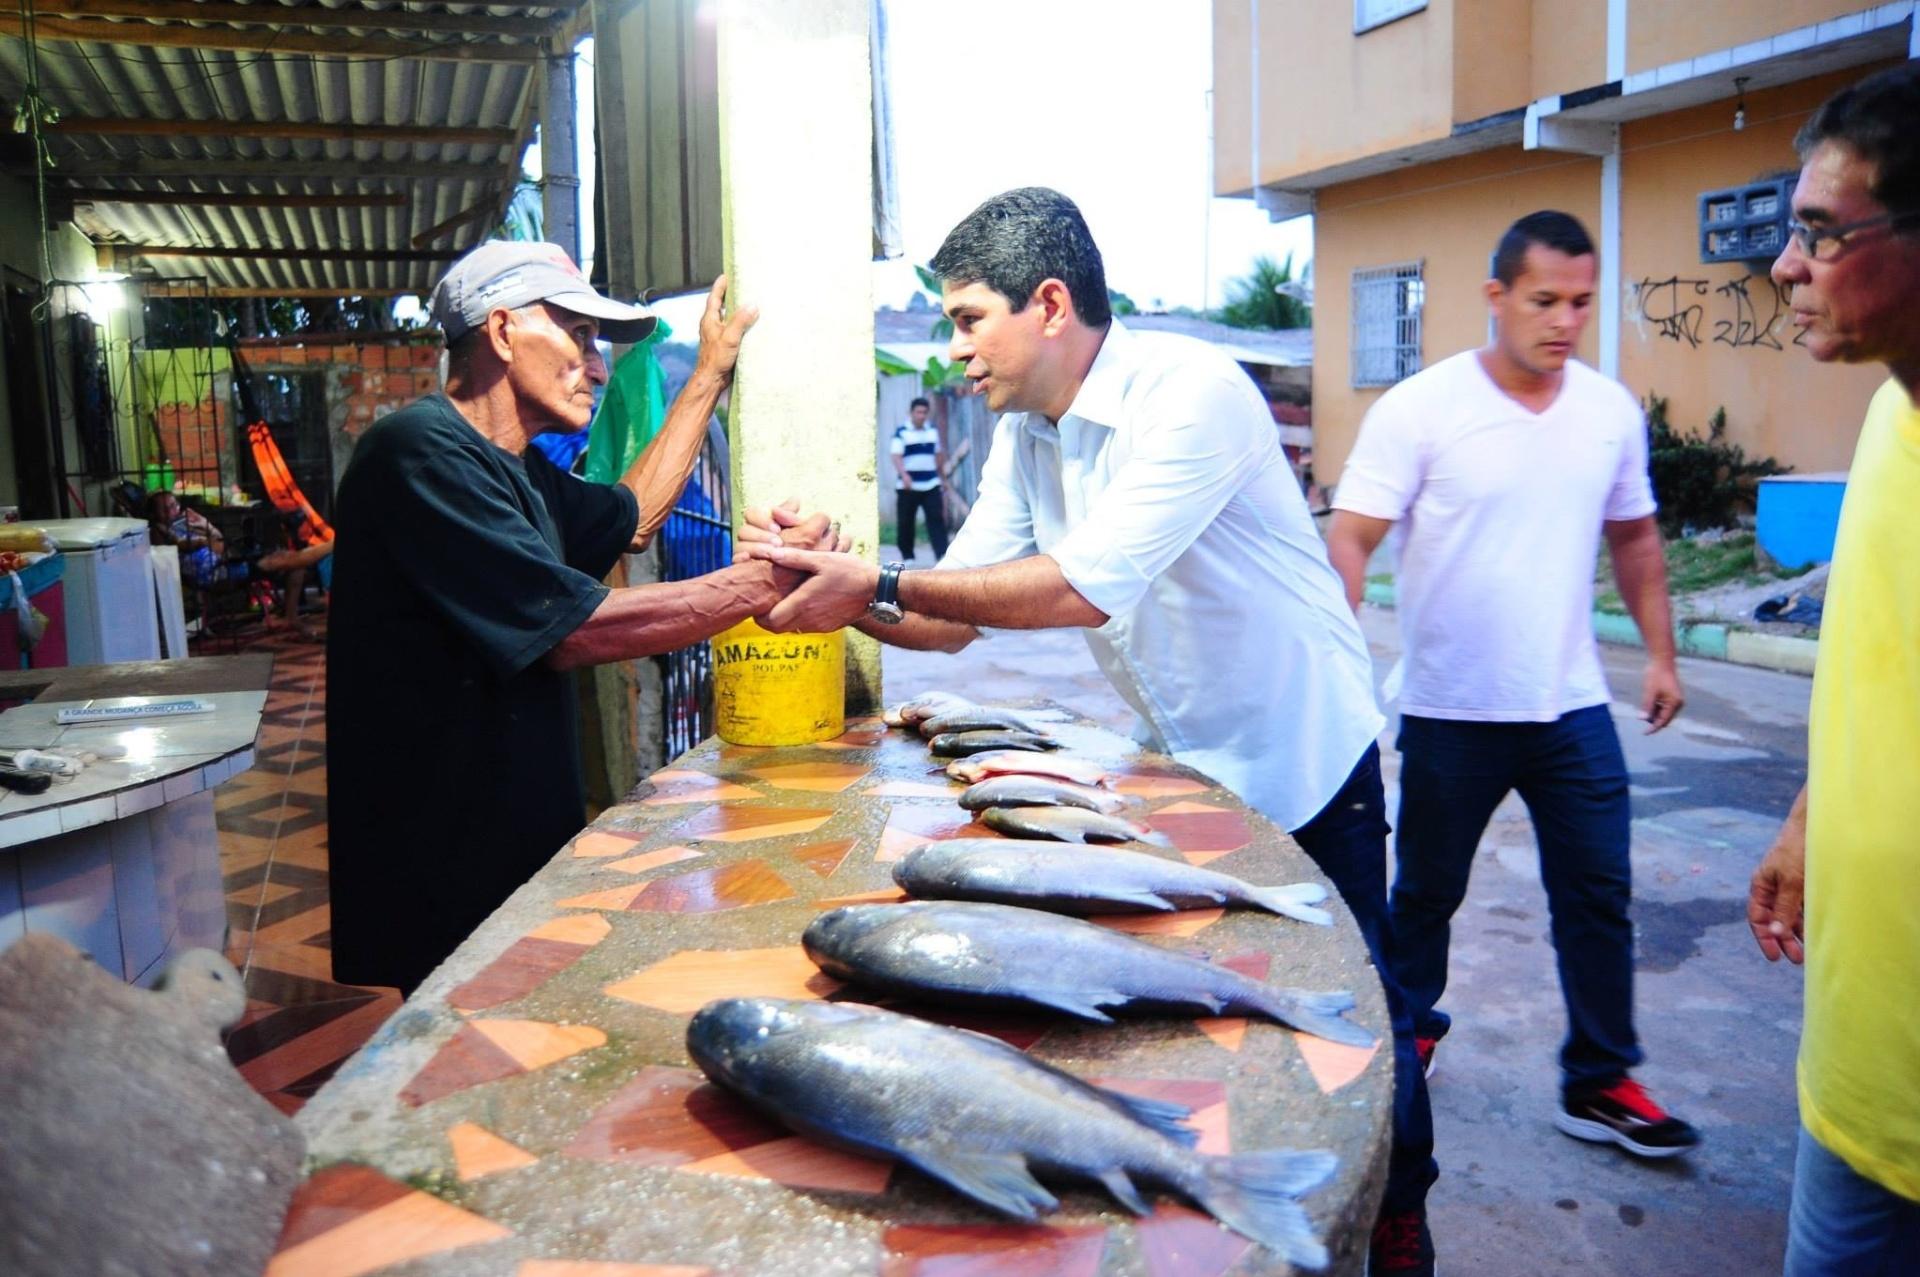 26.ago.2014 - Marcelo Ramos (esq.), candidato ao governo do Amazonas pelo PSB, visita mercado e cumprimenta comerciante durante campanha eleitoral